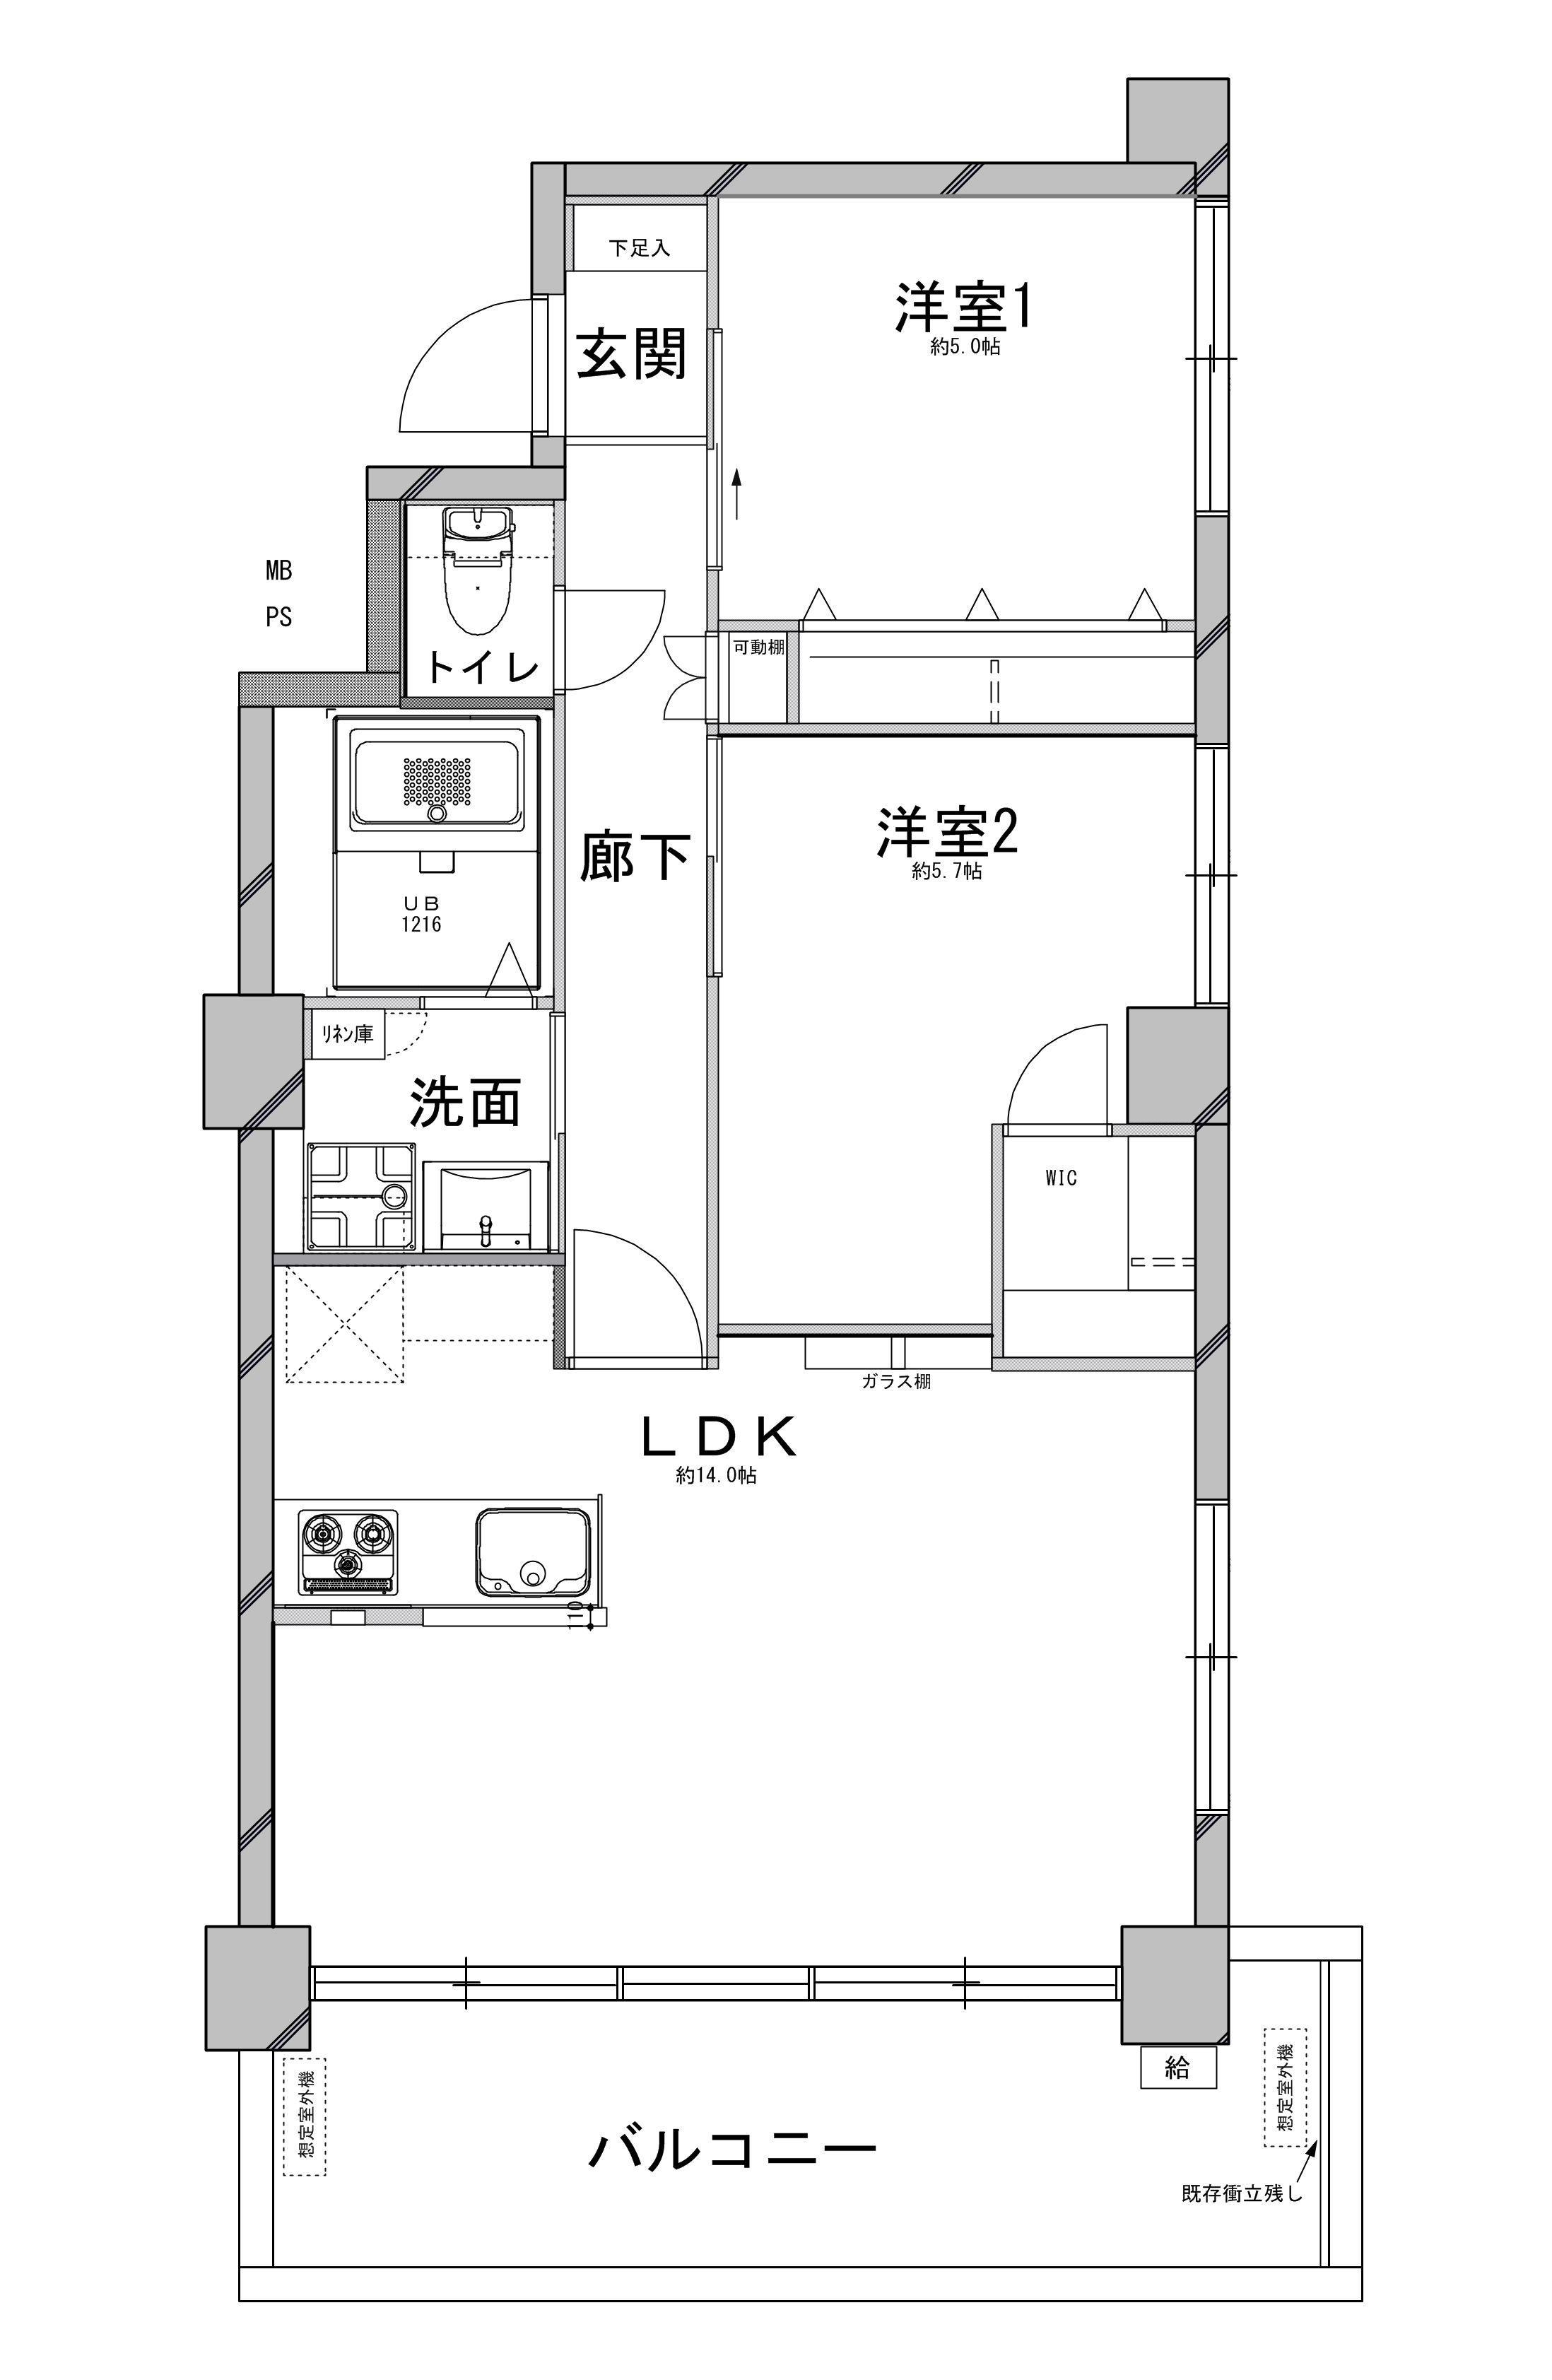 渋谷区 Y邸 ミッドセンチュリーな空間の間取図